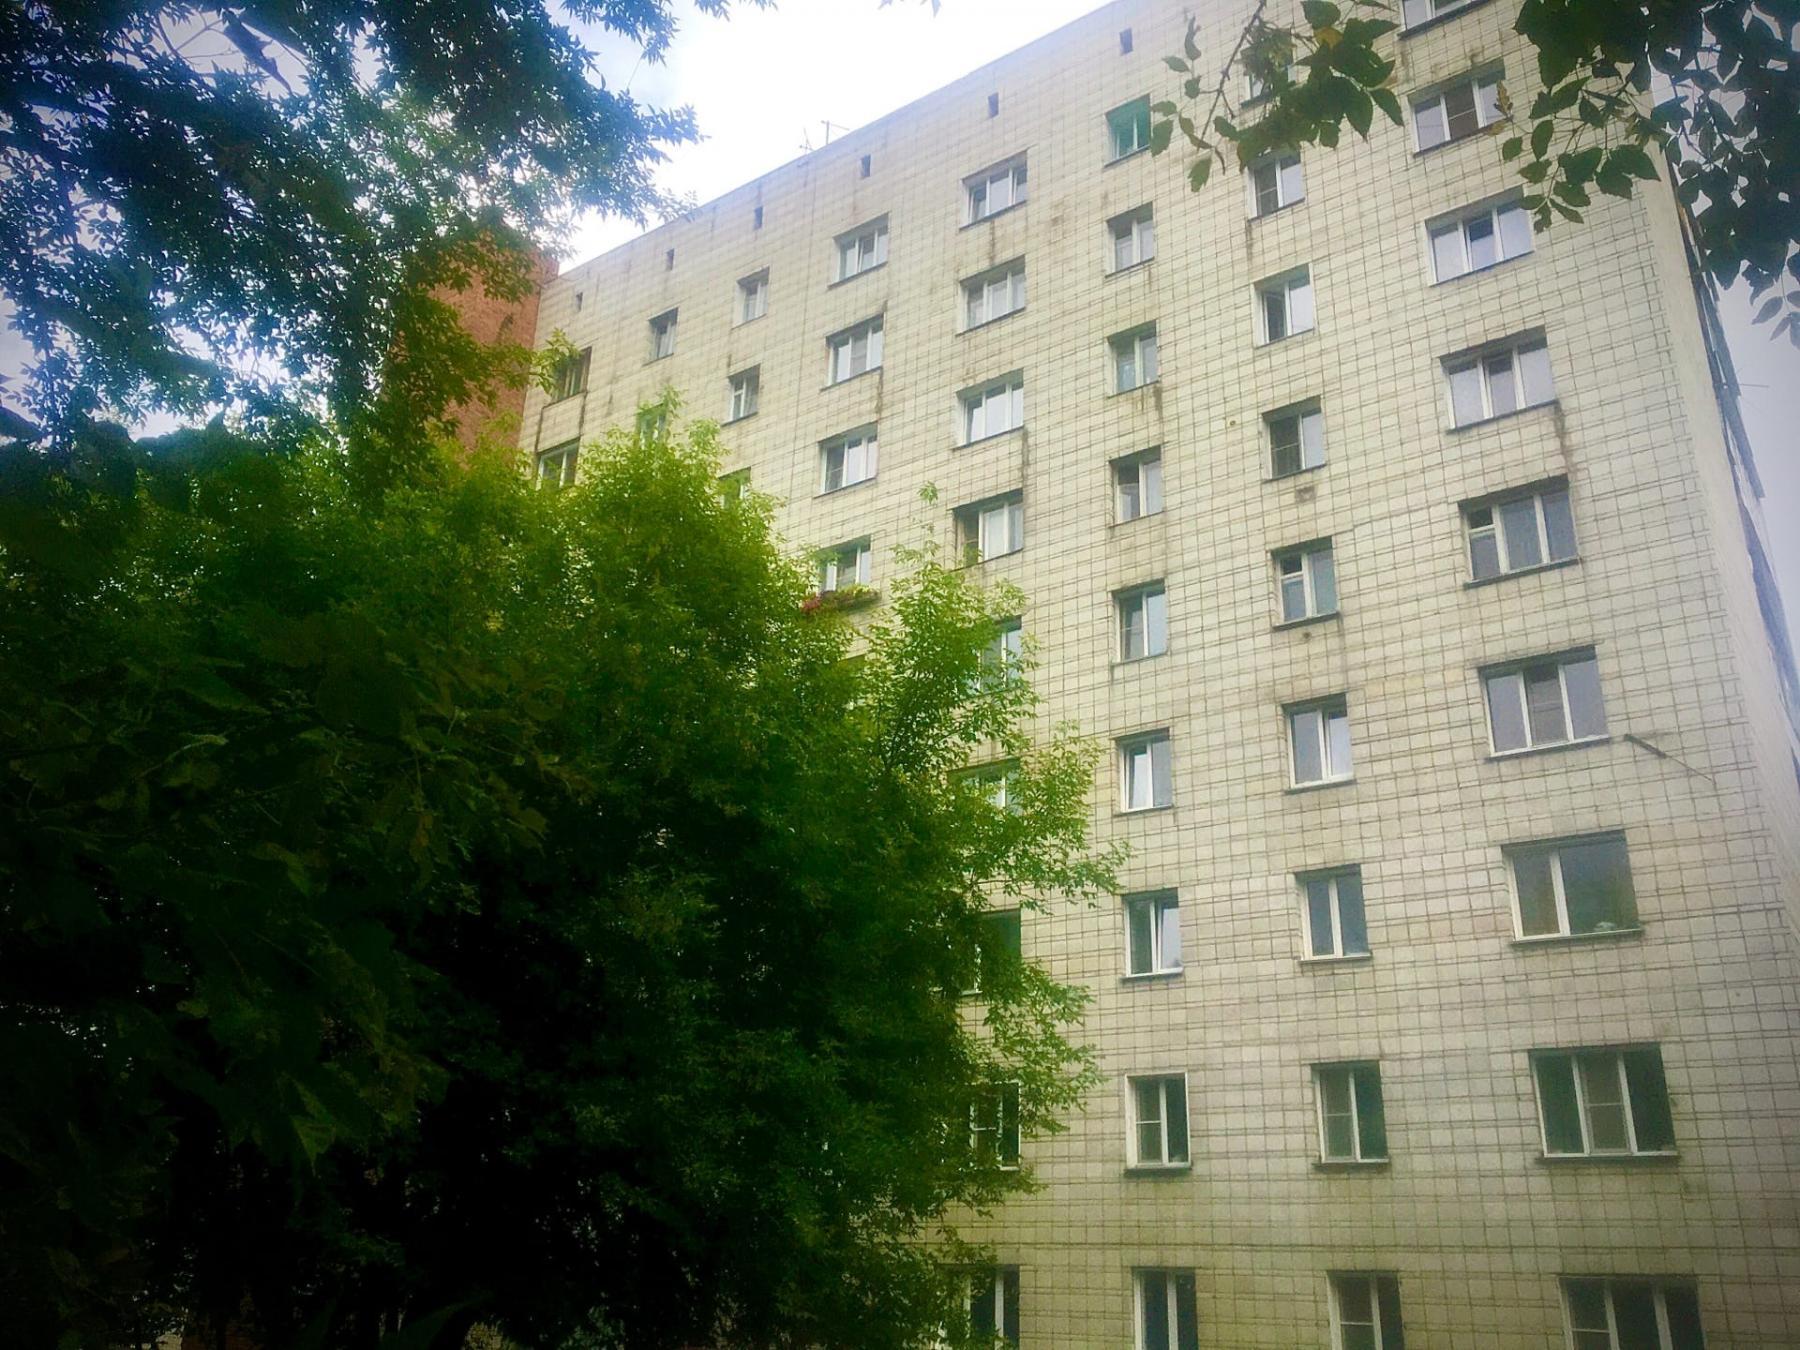 Фото «Он и раньше обстреливал окна соседей»: что известно о мужчине, который устроил стрельбу с балкона квартиры в Новосибирске 5